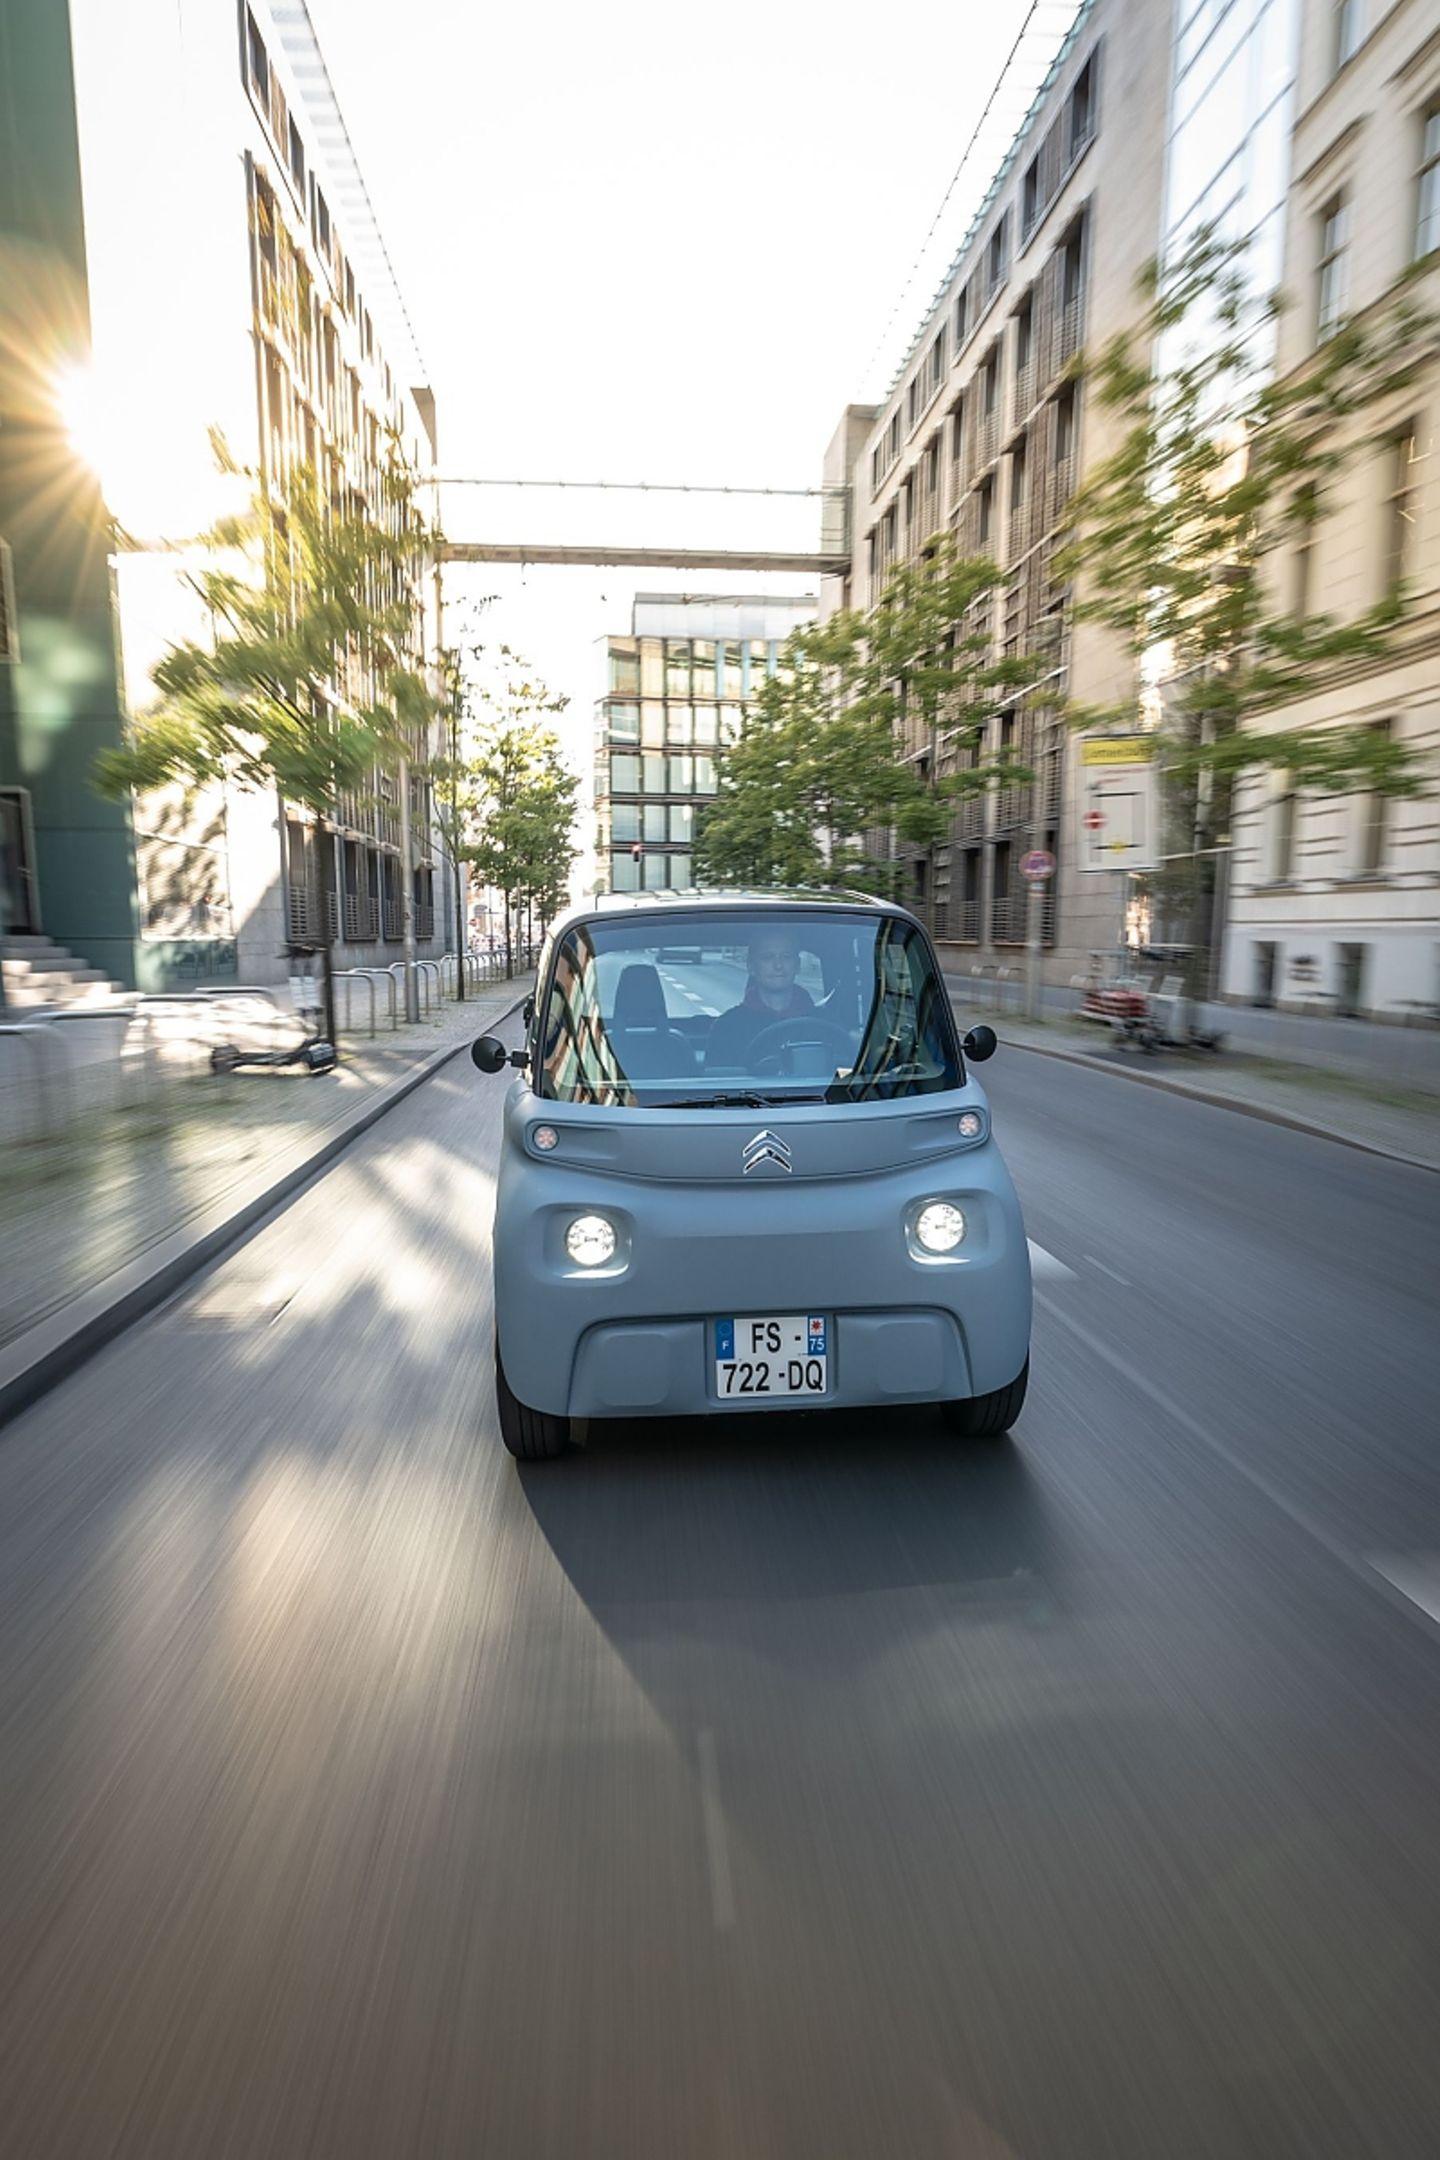 Mit einer Batterieladung kommt der Citroën Ami bis zu 75 Kilometer weit